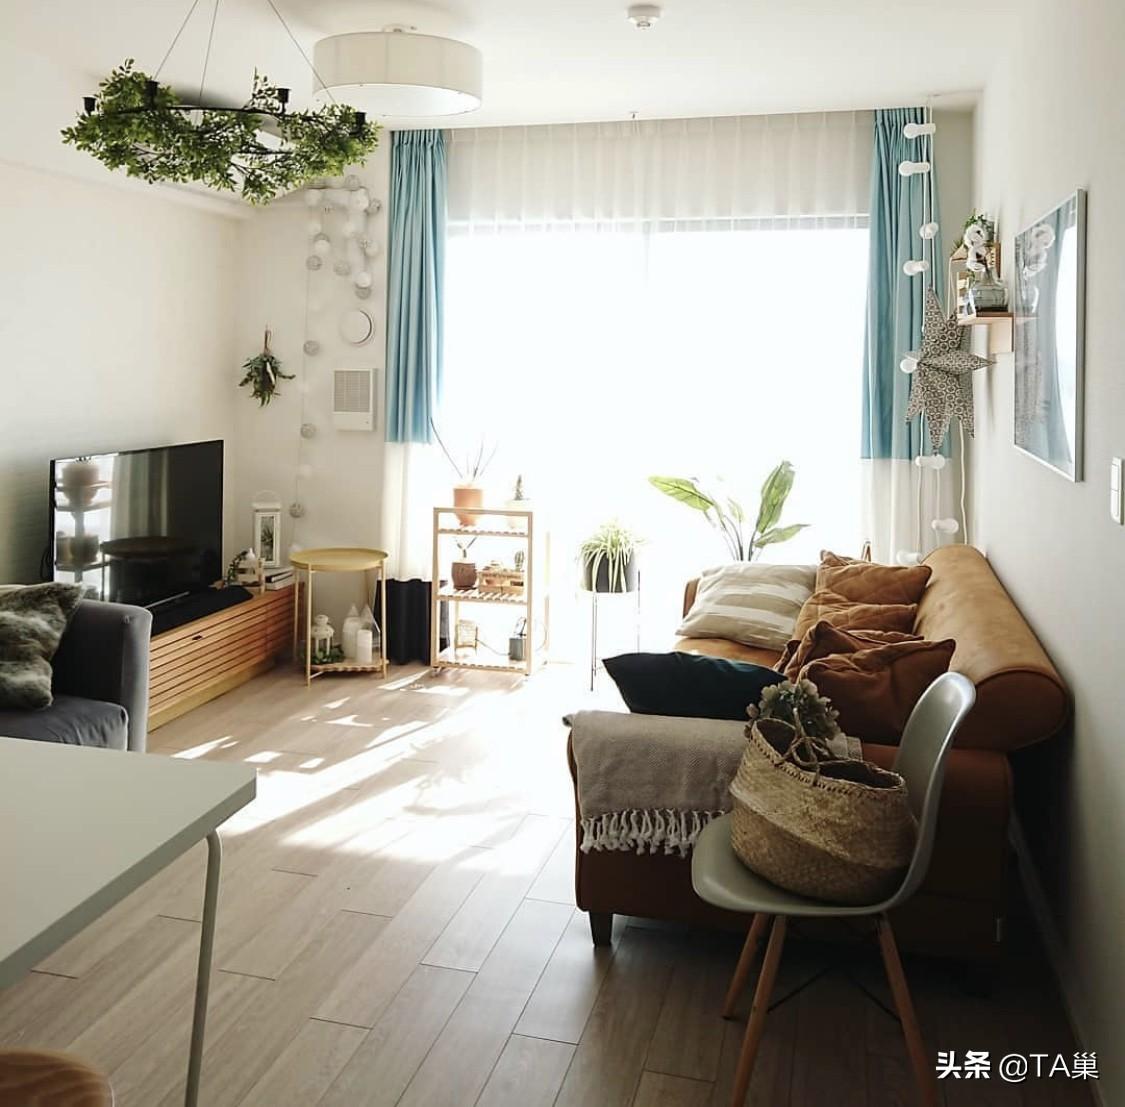 小家也有大幸福!日本65㎡两房一厅,住一家四口不显拥挤,厉害